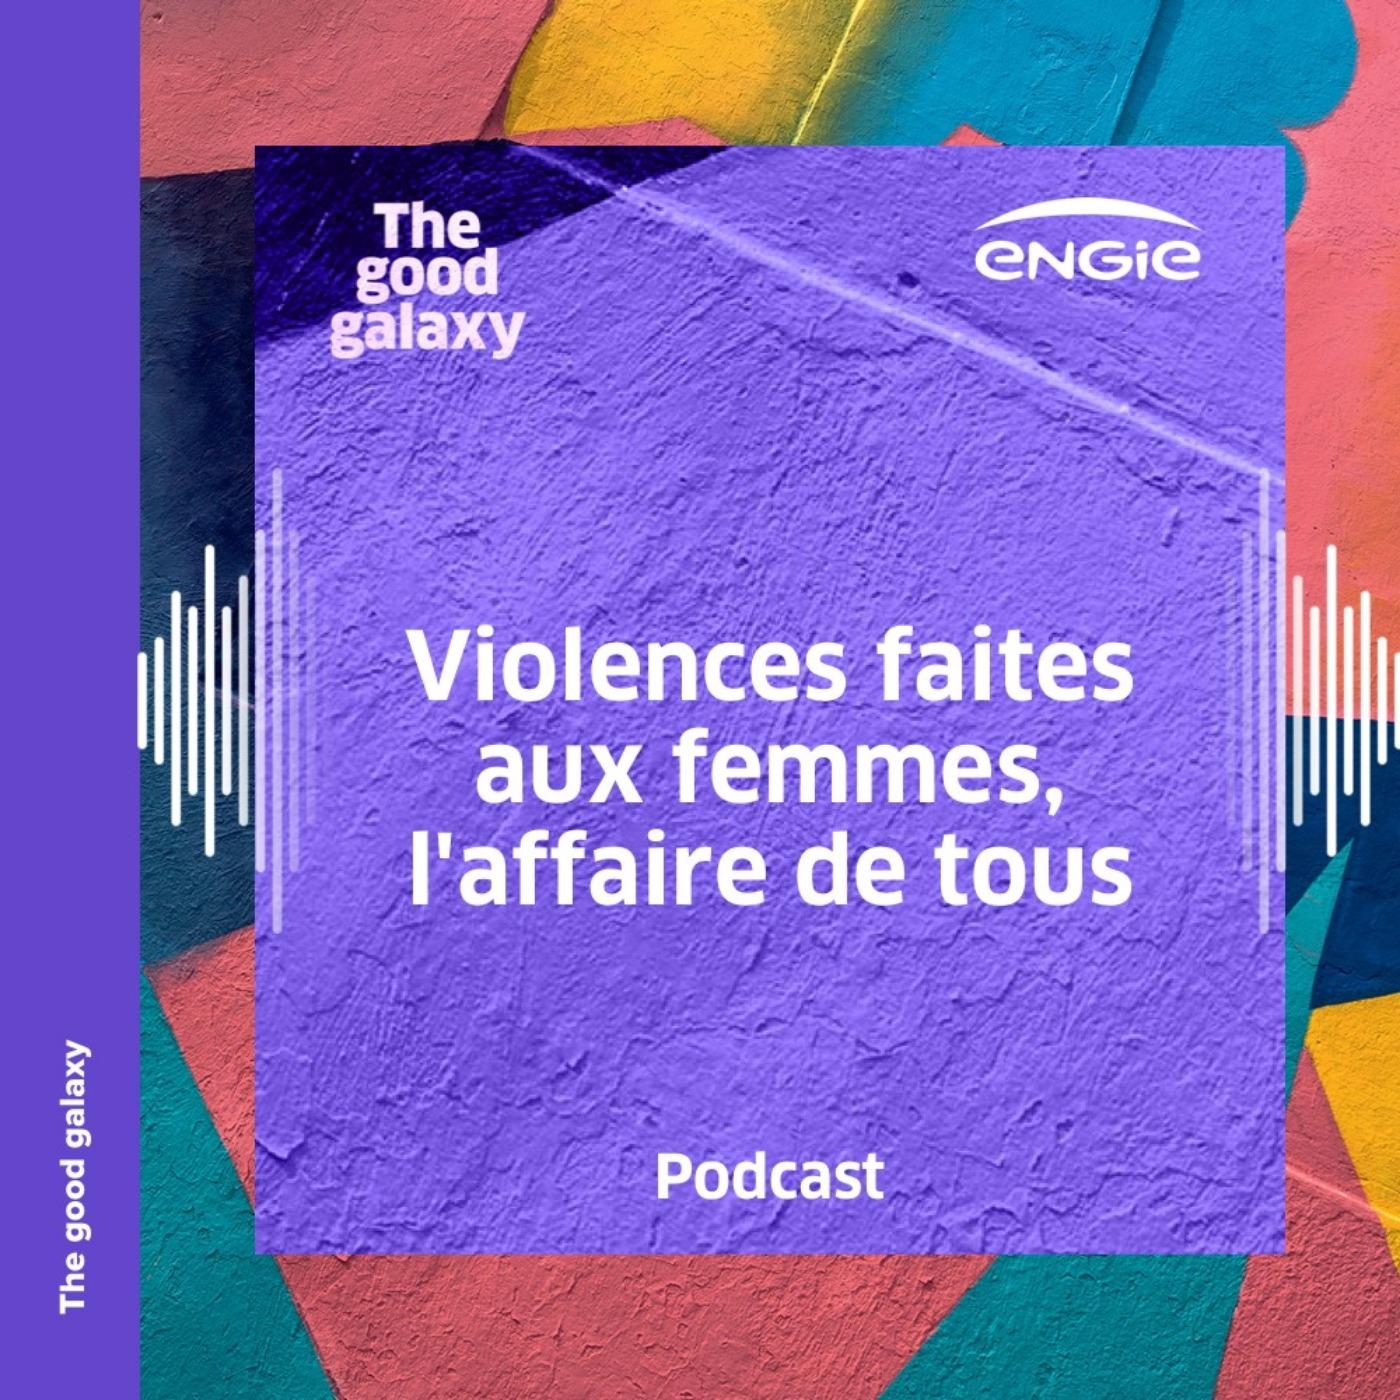 Violences faites aux femmes, l'affaire de tous